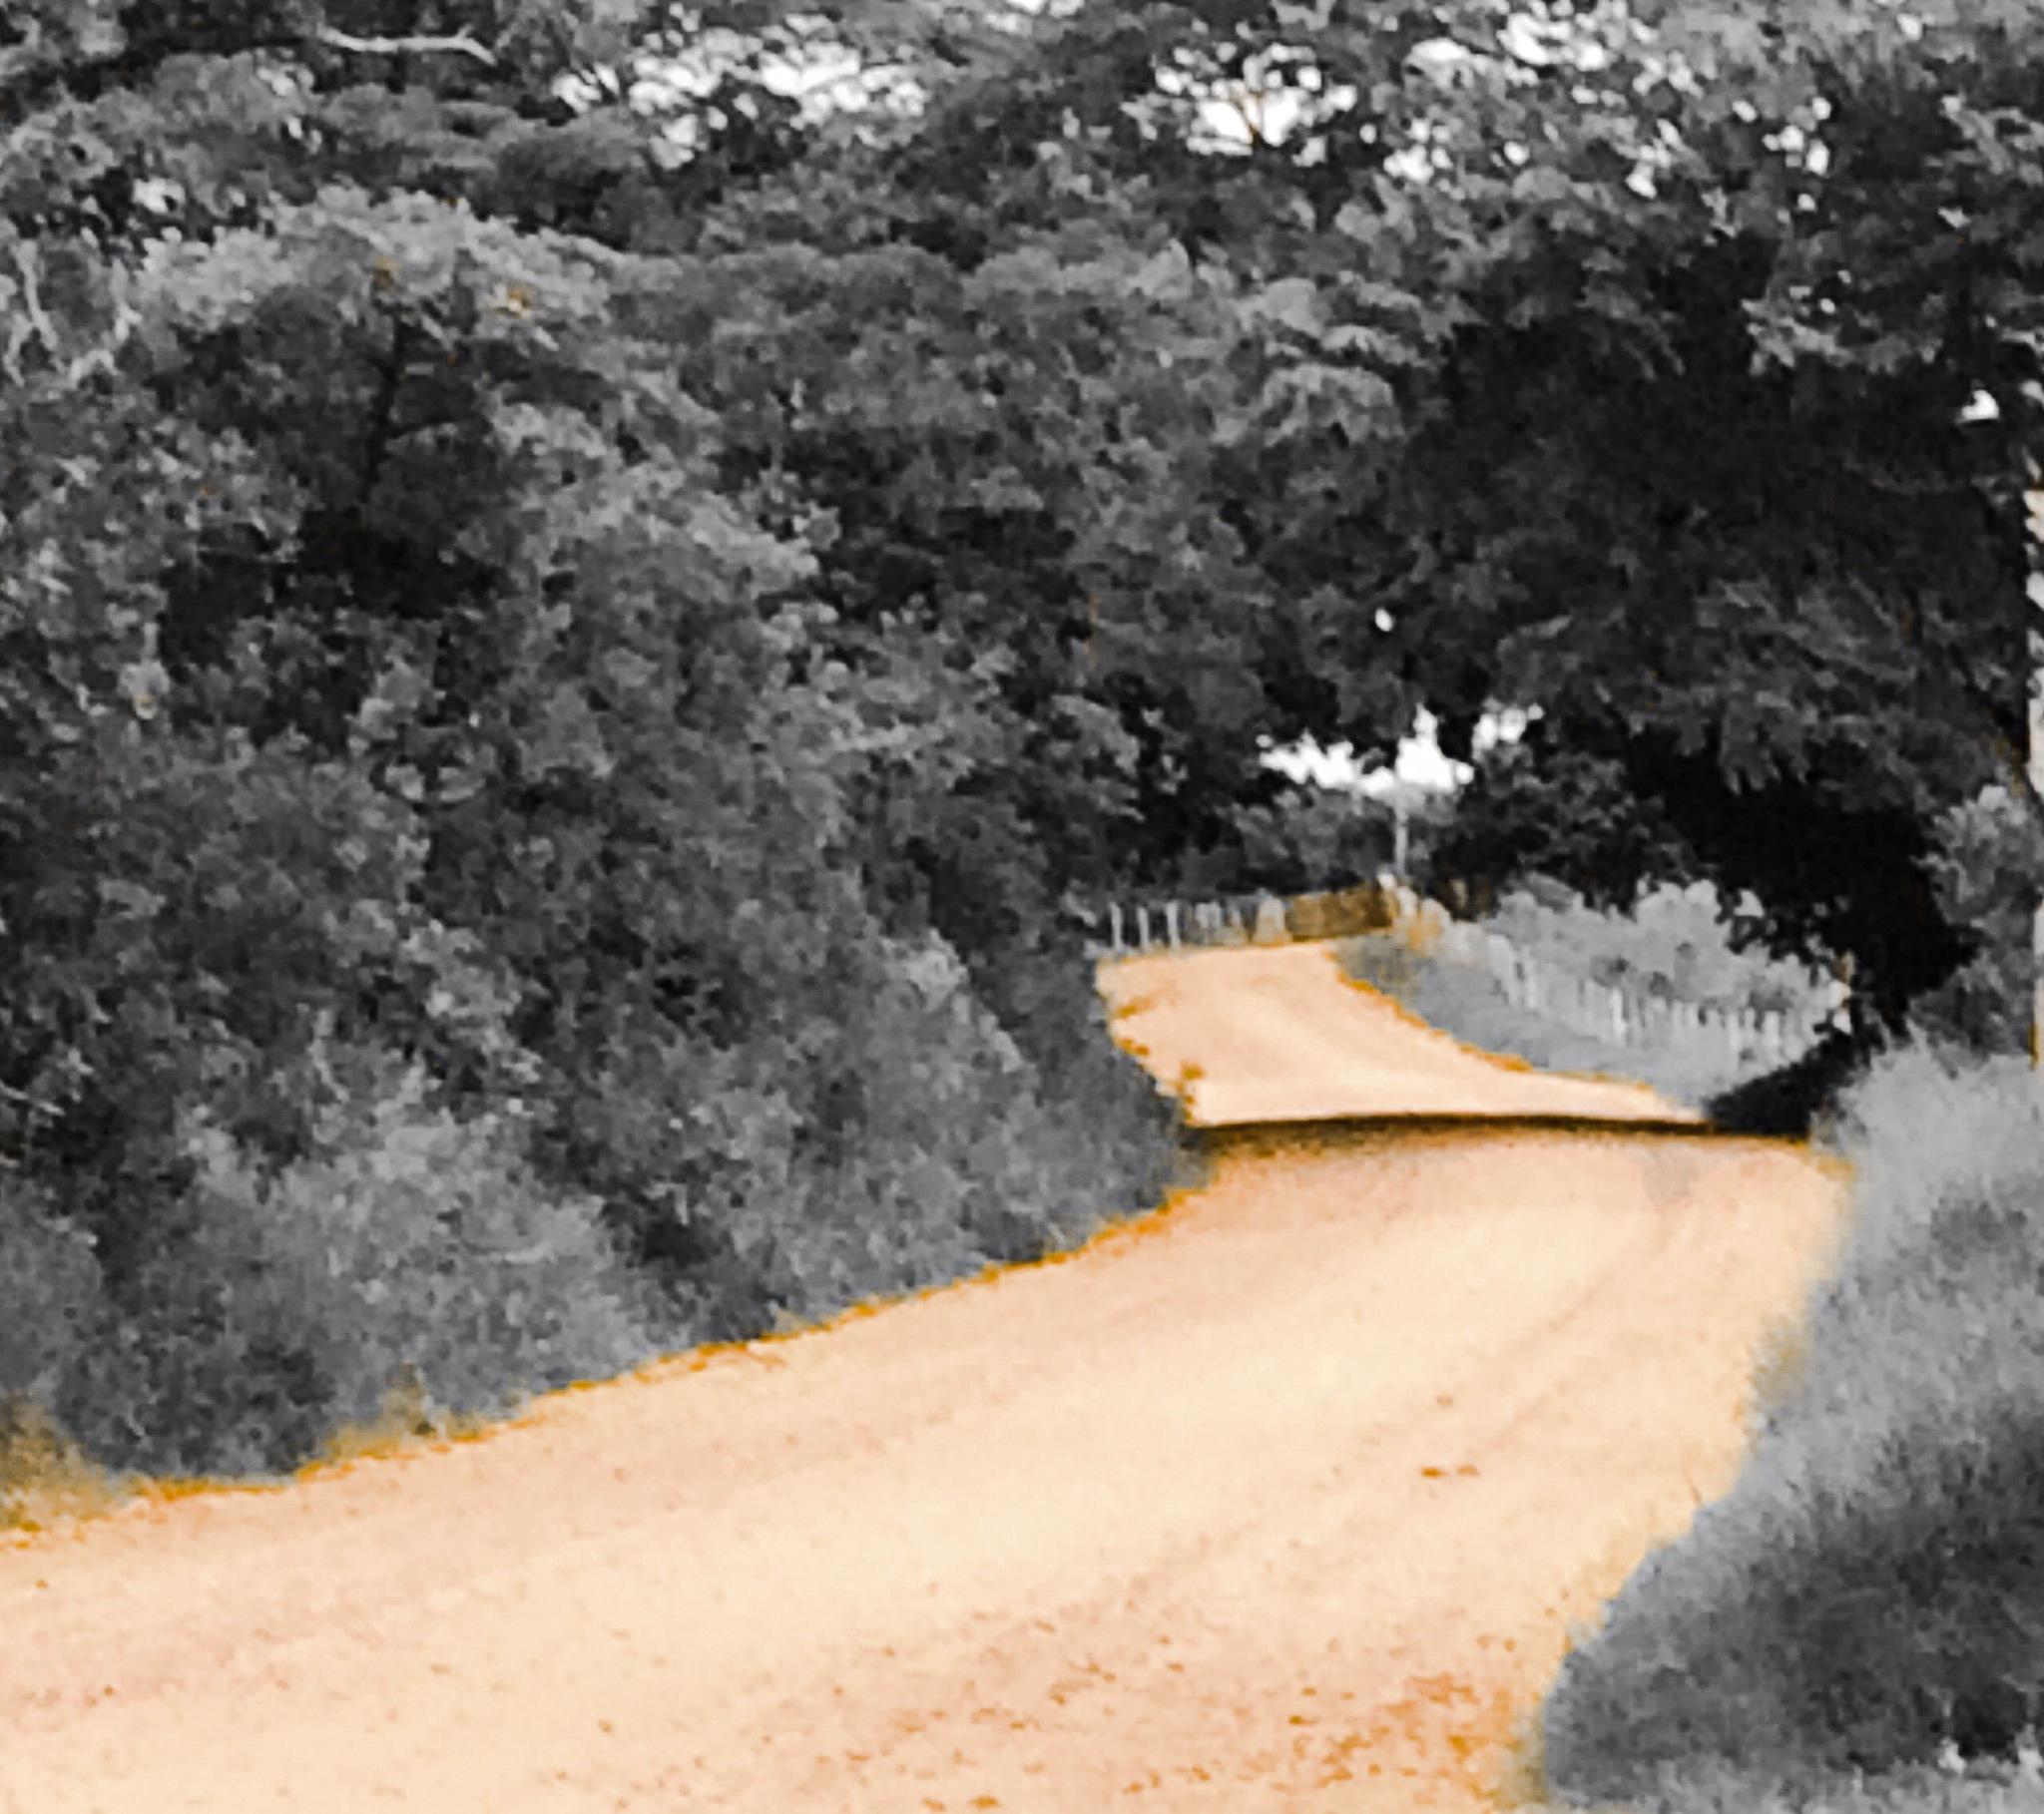 A estrada da vida é sinuosa e empoeirada  by roneilow